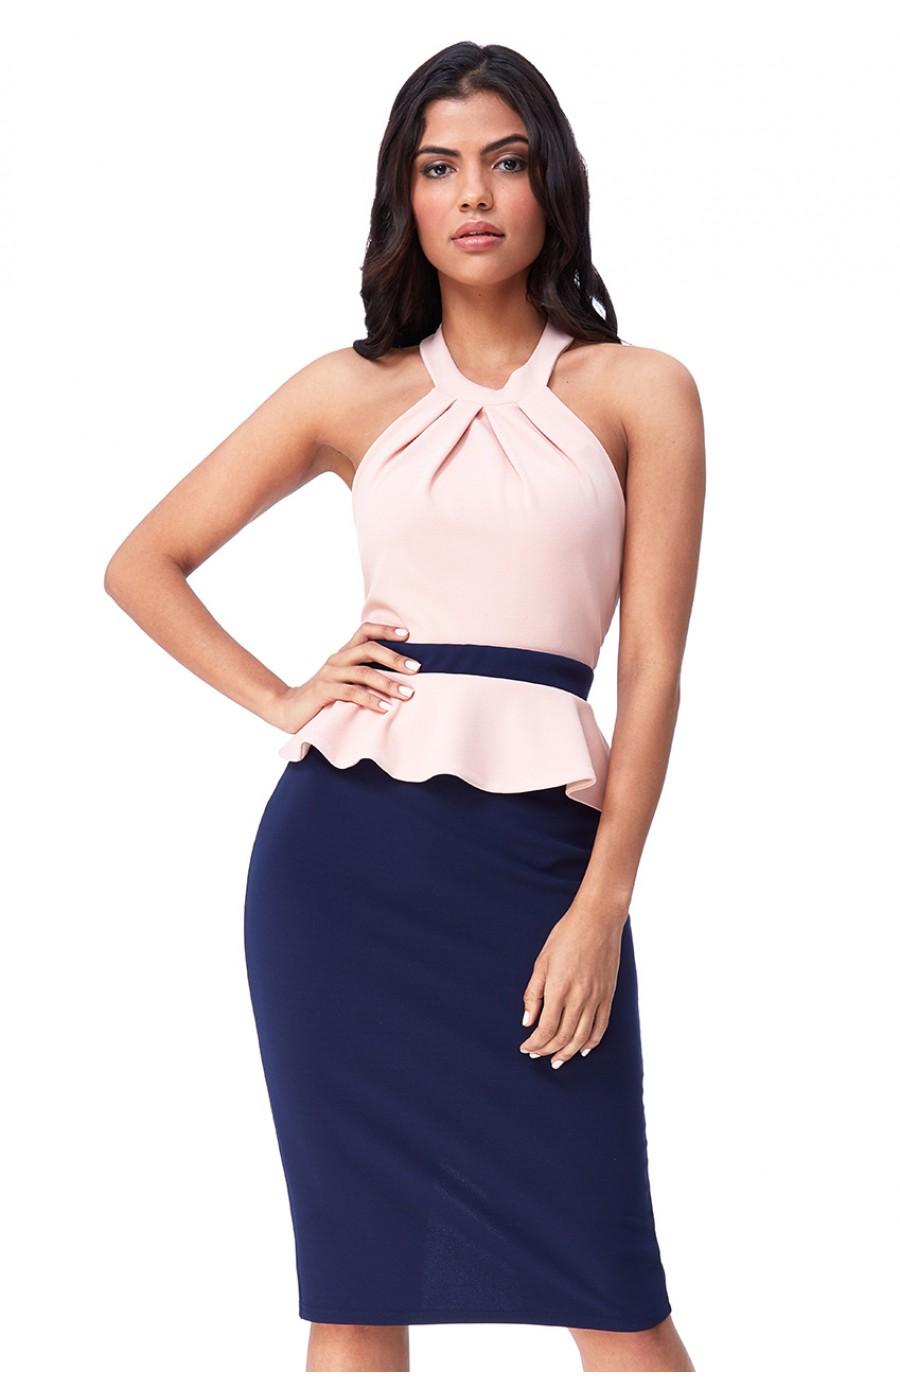 Κρεπ μιντι φόρεμα με αντίθεση στα χρώματα